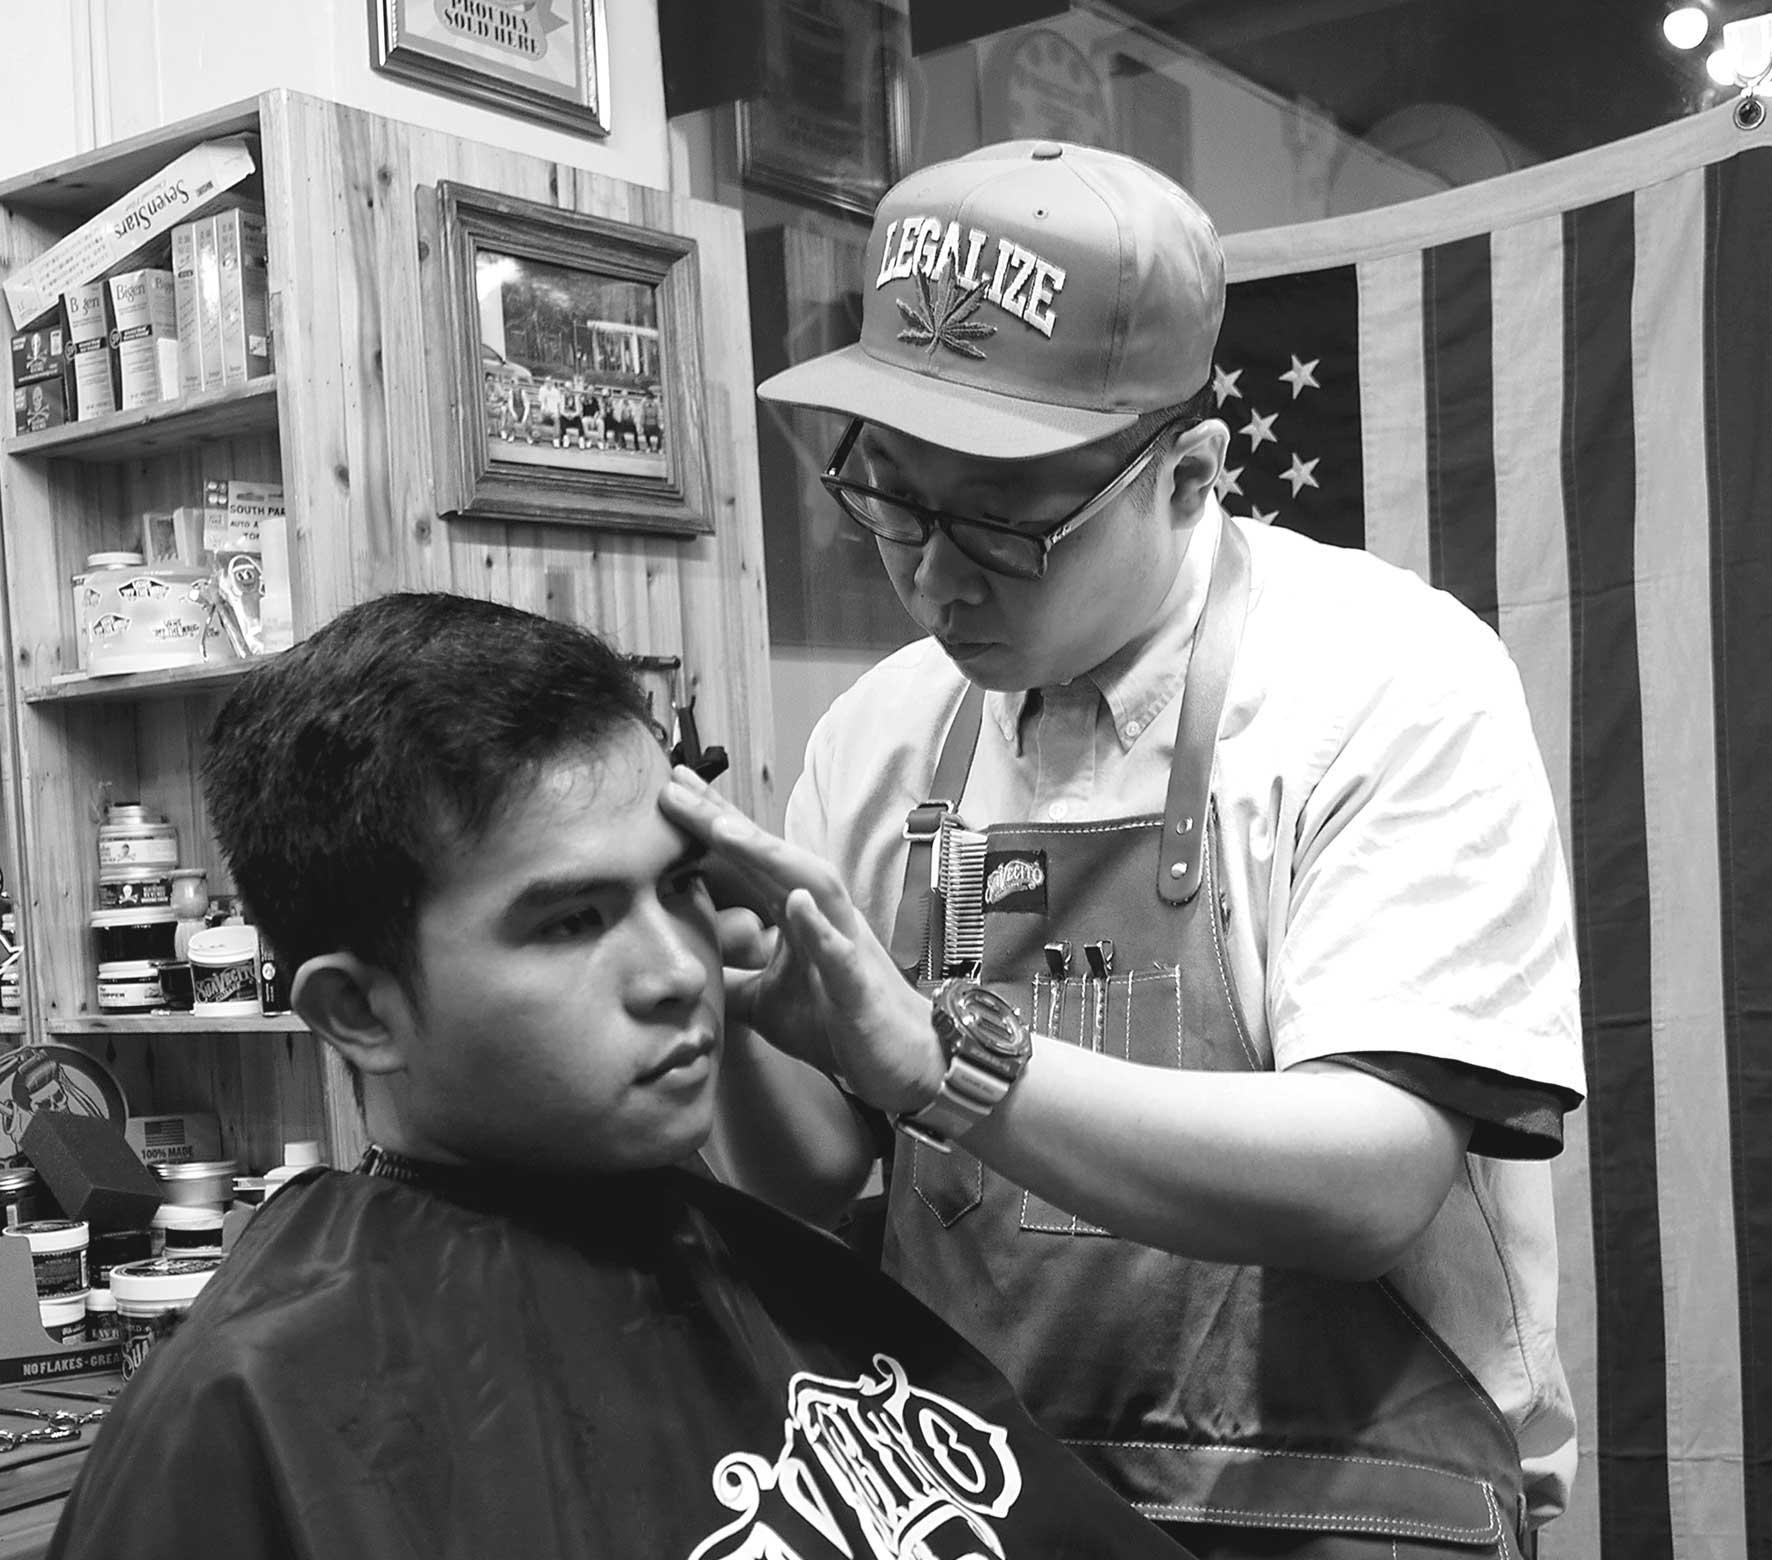 AllStar Barber Shop